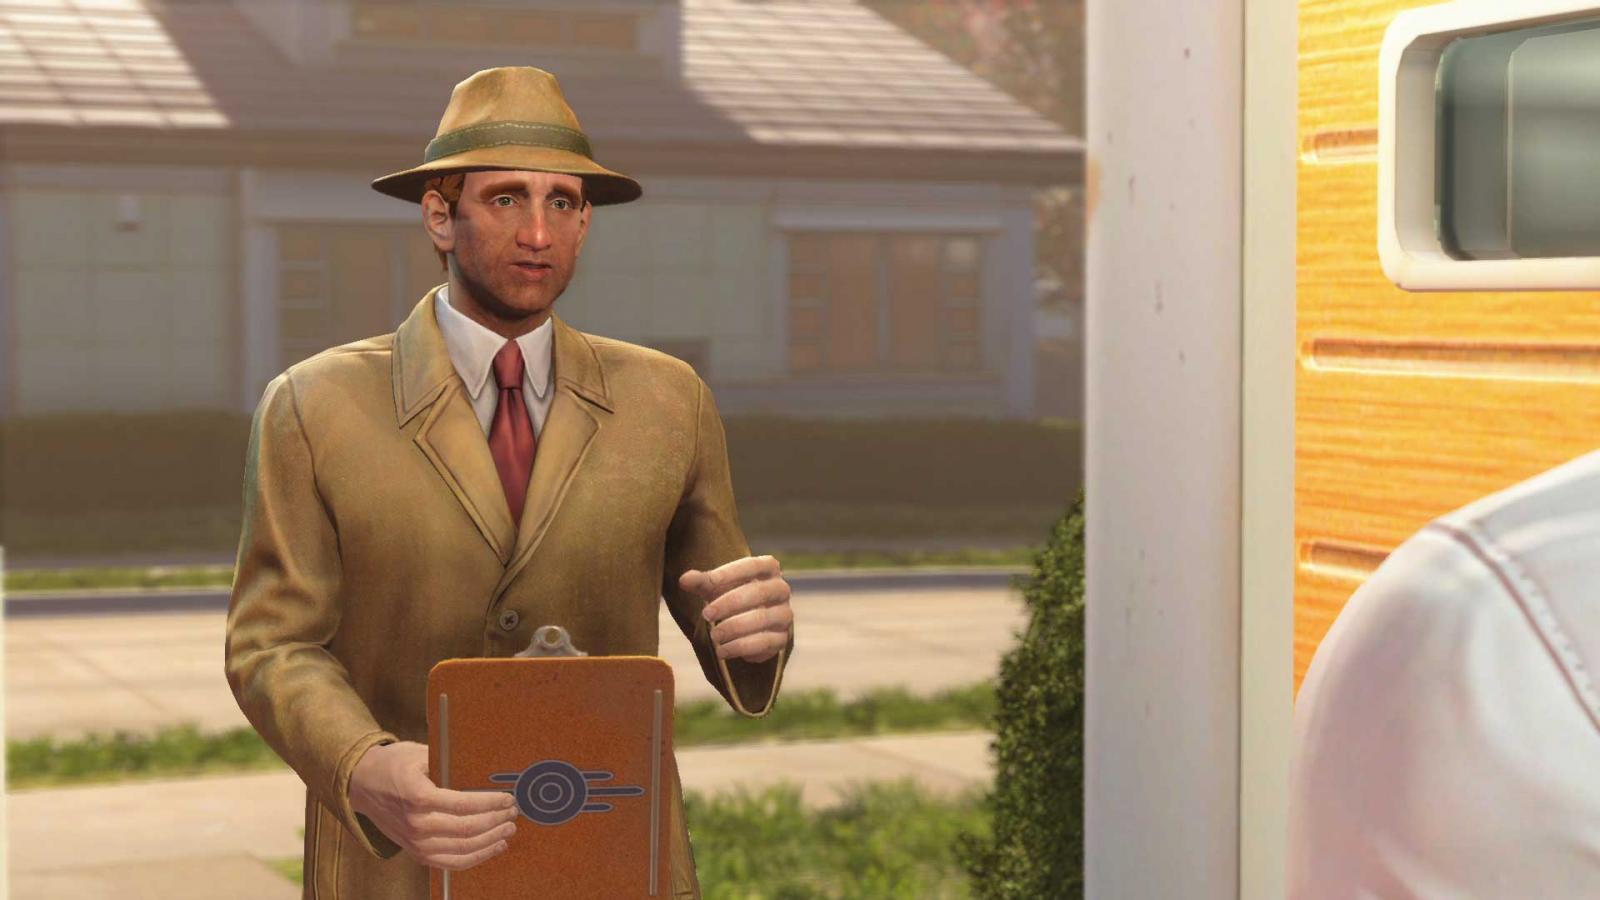 Утренняя почта (мусолим fallout 4). - Изображение 1